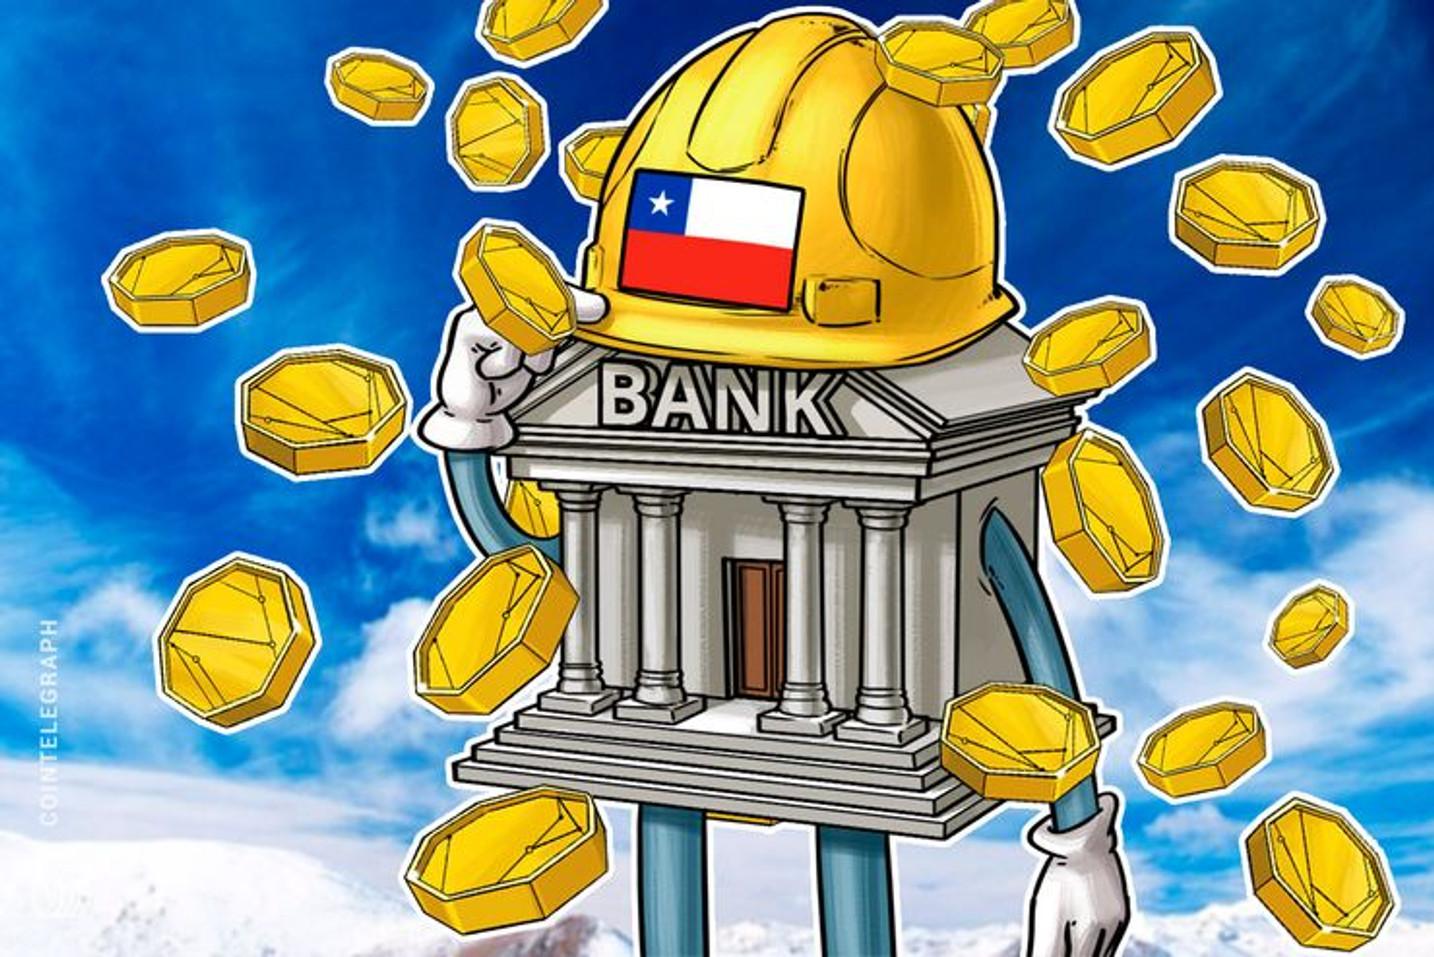 'Bancos estão atuando para atrapalhar ou não entendem o mercado cripto', diz fundador da maior exchange da América Latina